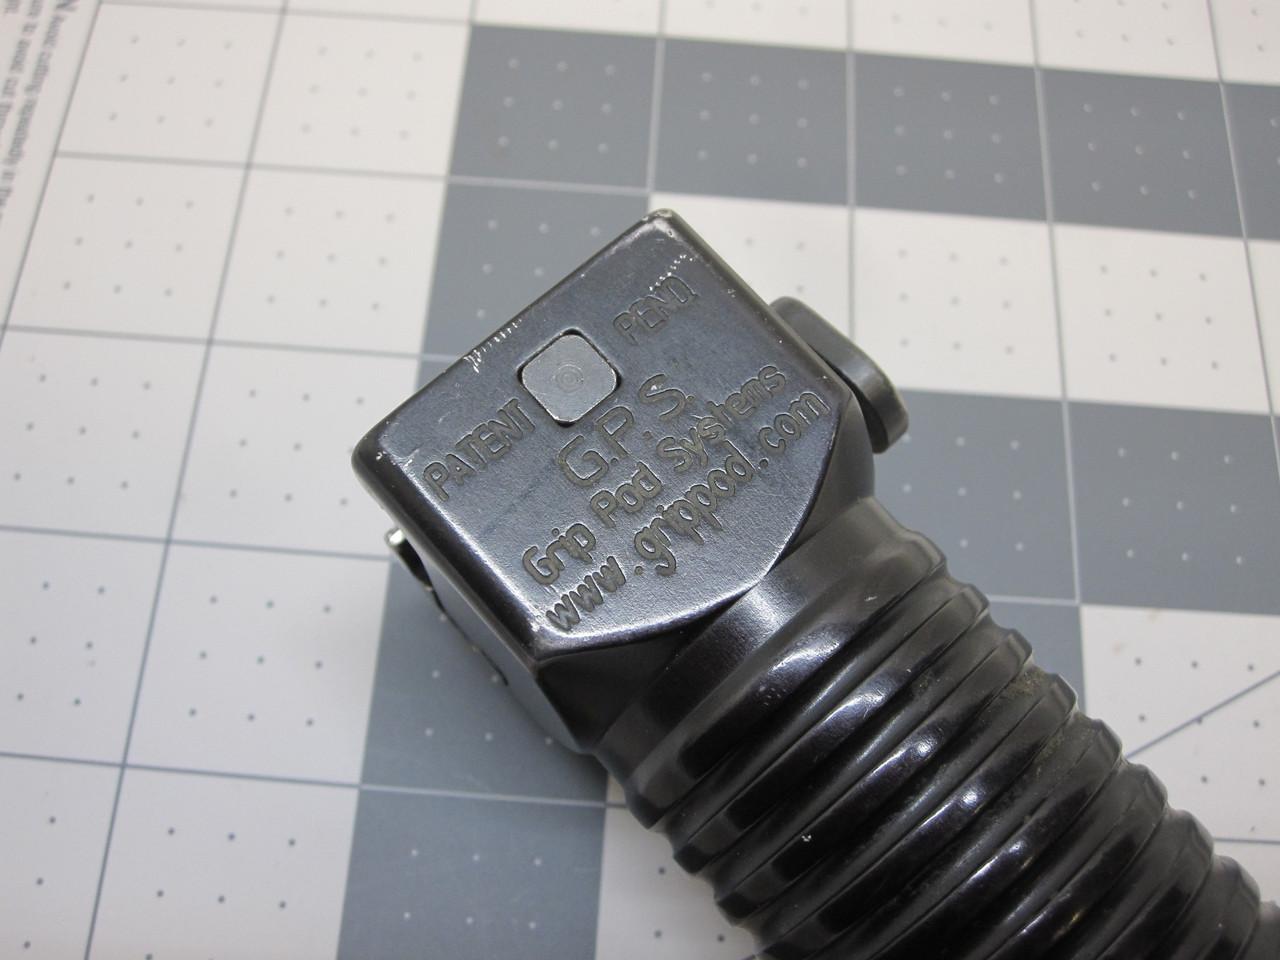 (RARE) ORIGINAL GENUINE GPS-01 GRIP POD SYSTEMS ALL METAL BI-POD